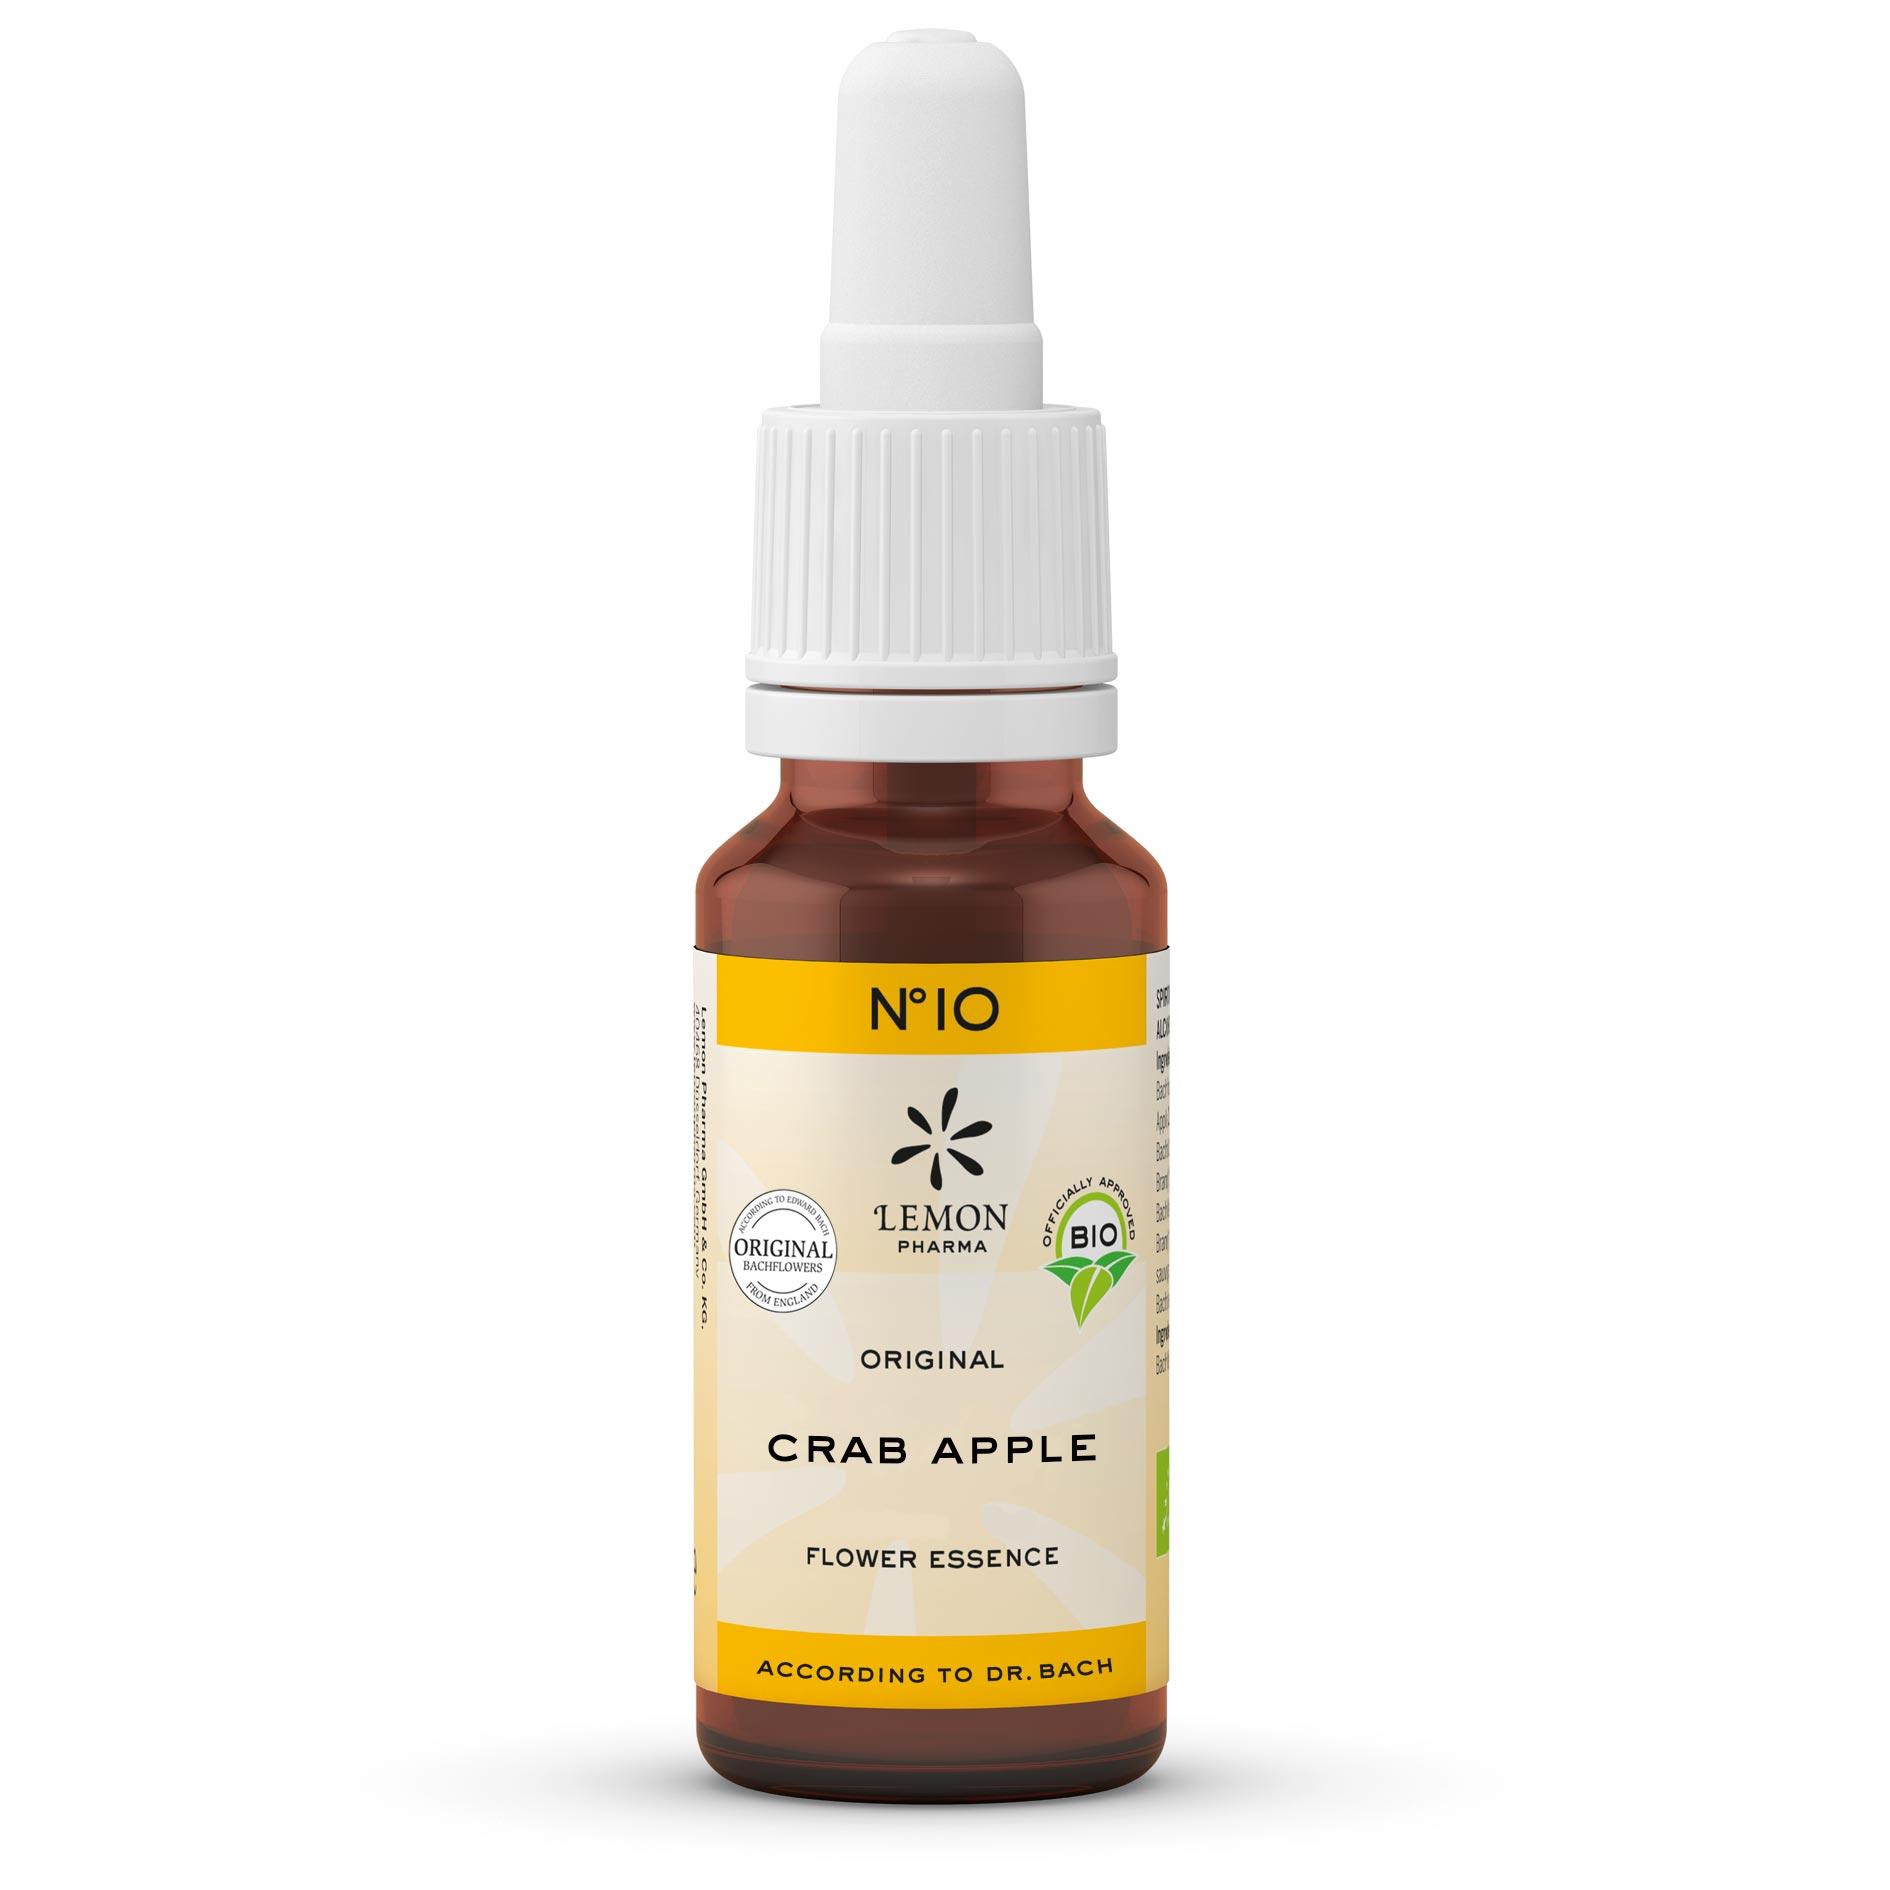 Fiori di Bach originali Lemon Pharma Gocce Nr 10 Crab Apple melo selvatico depurazione